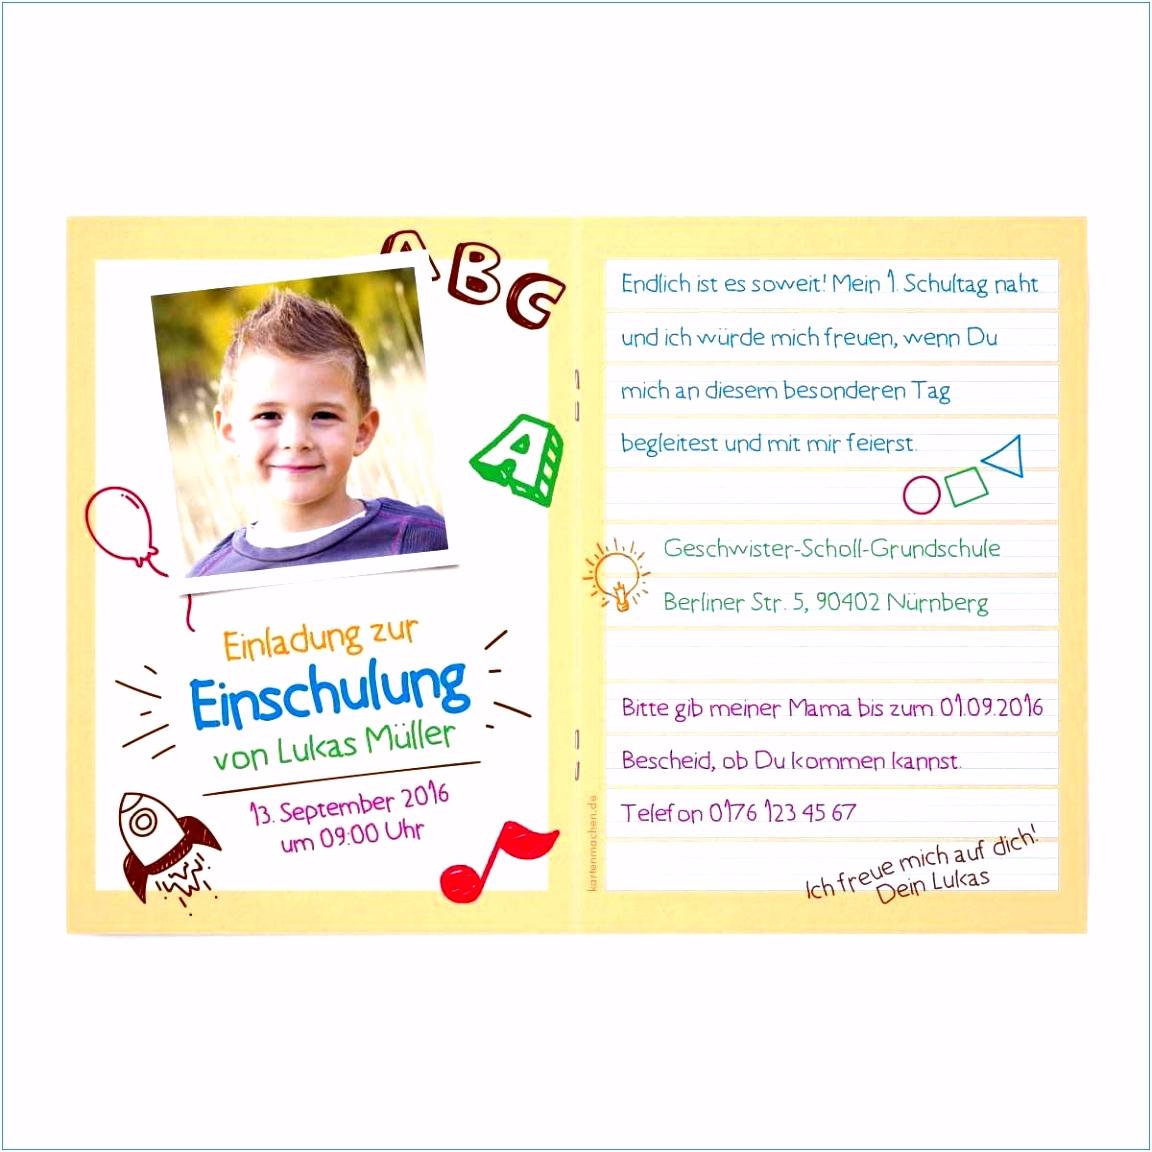 Vorlage Einschulung Einladung Einschulung Vorlagen Luxus Karte Schulanfang Das Beste Von A7jj74opf3 Muesm5odzv